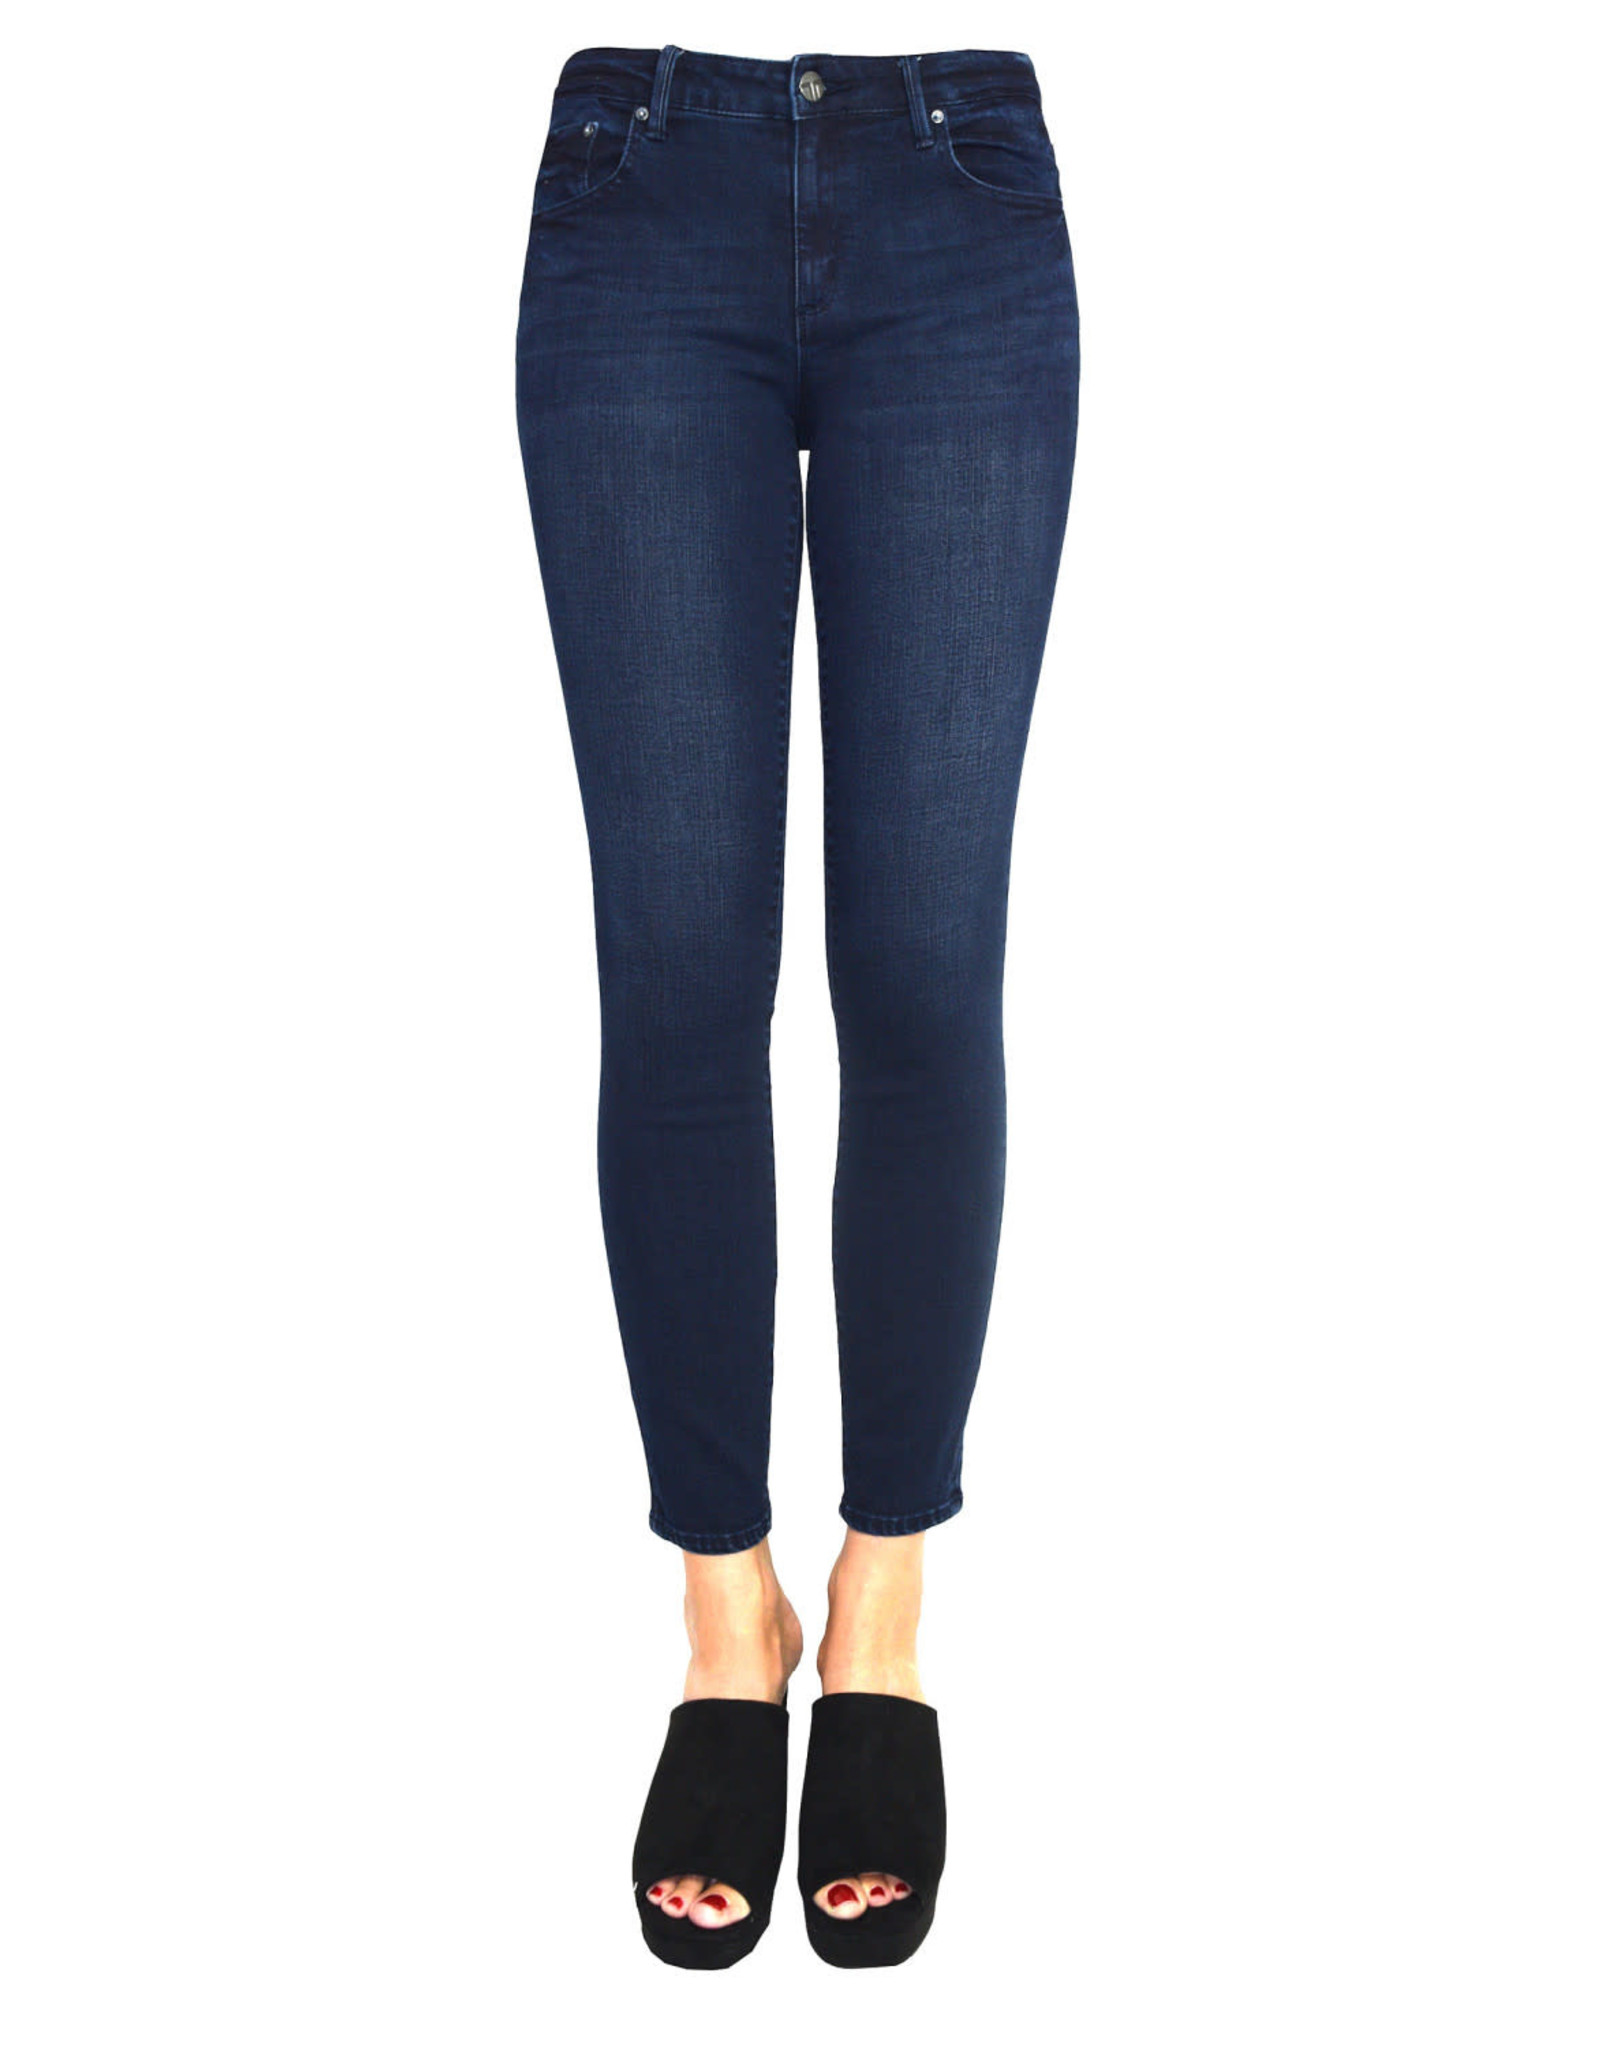 Tractr Nina HW Skinny Jean